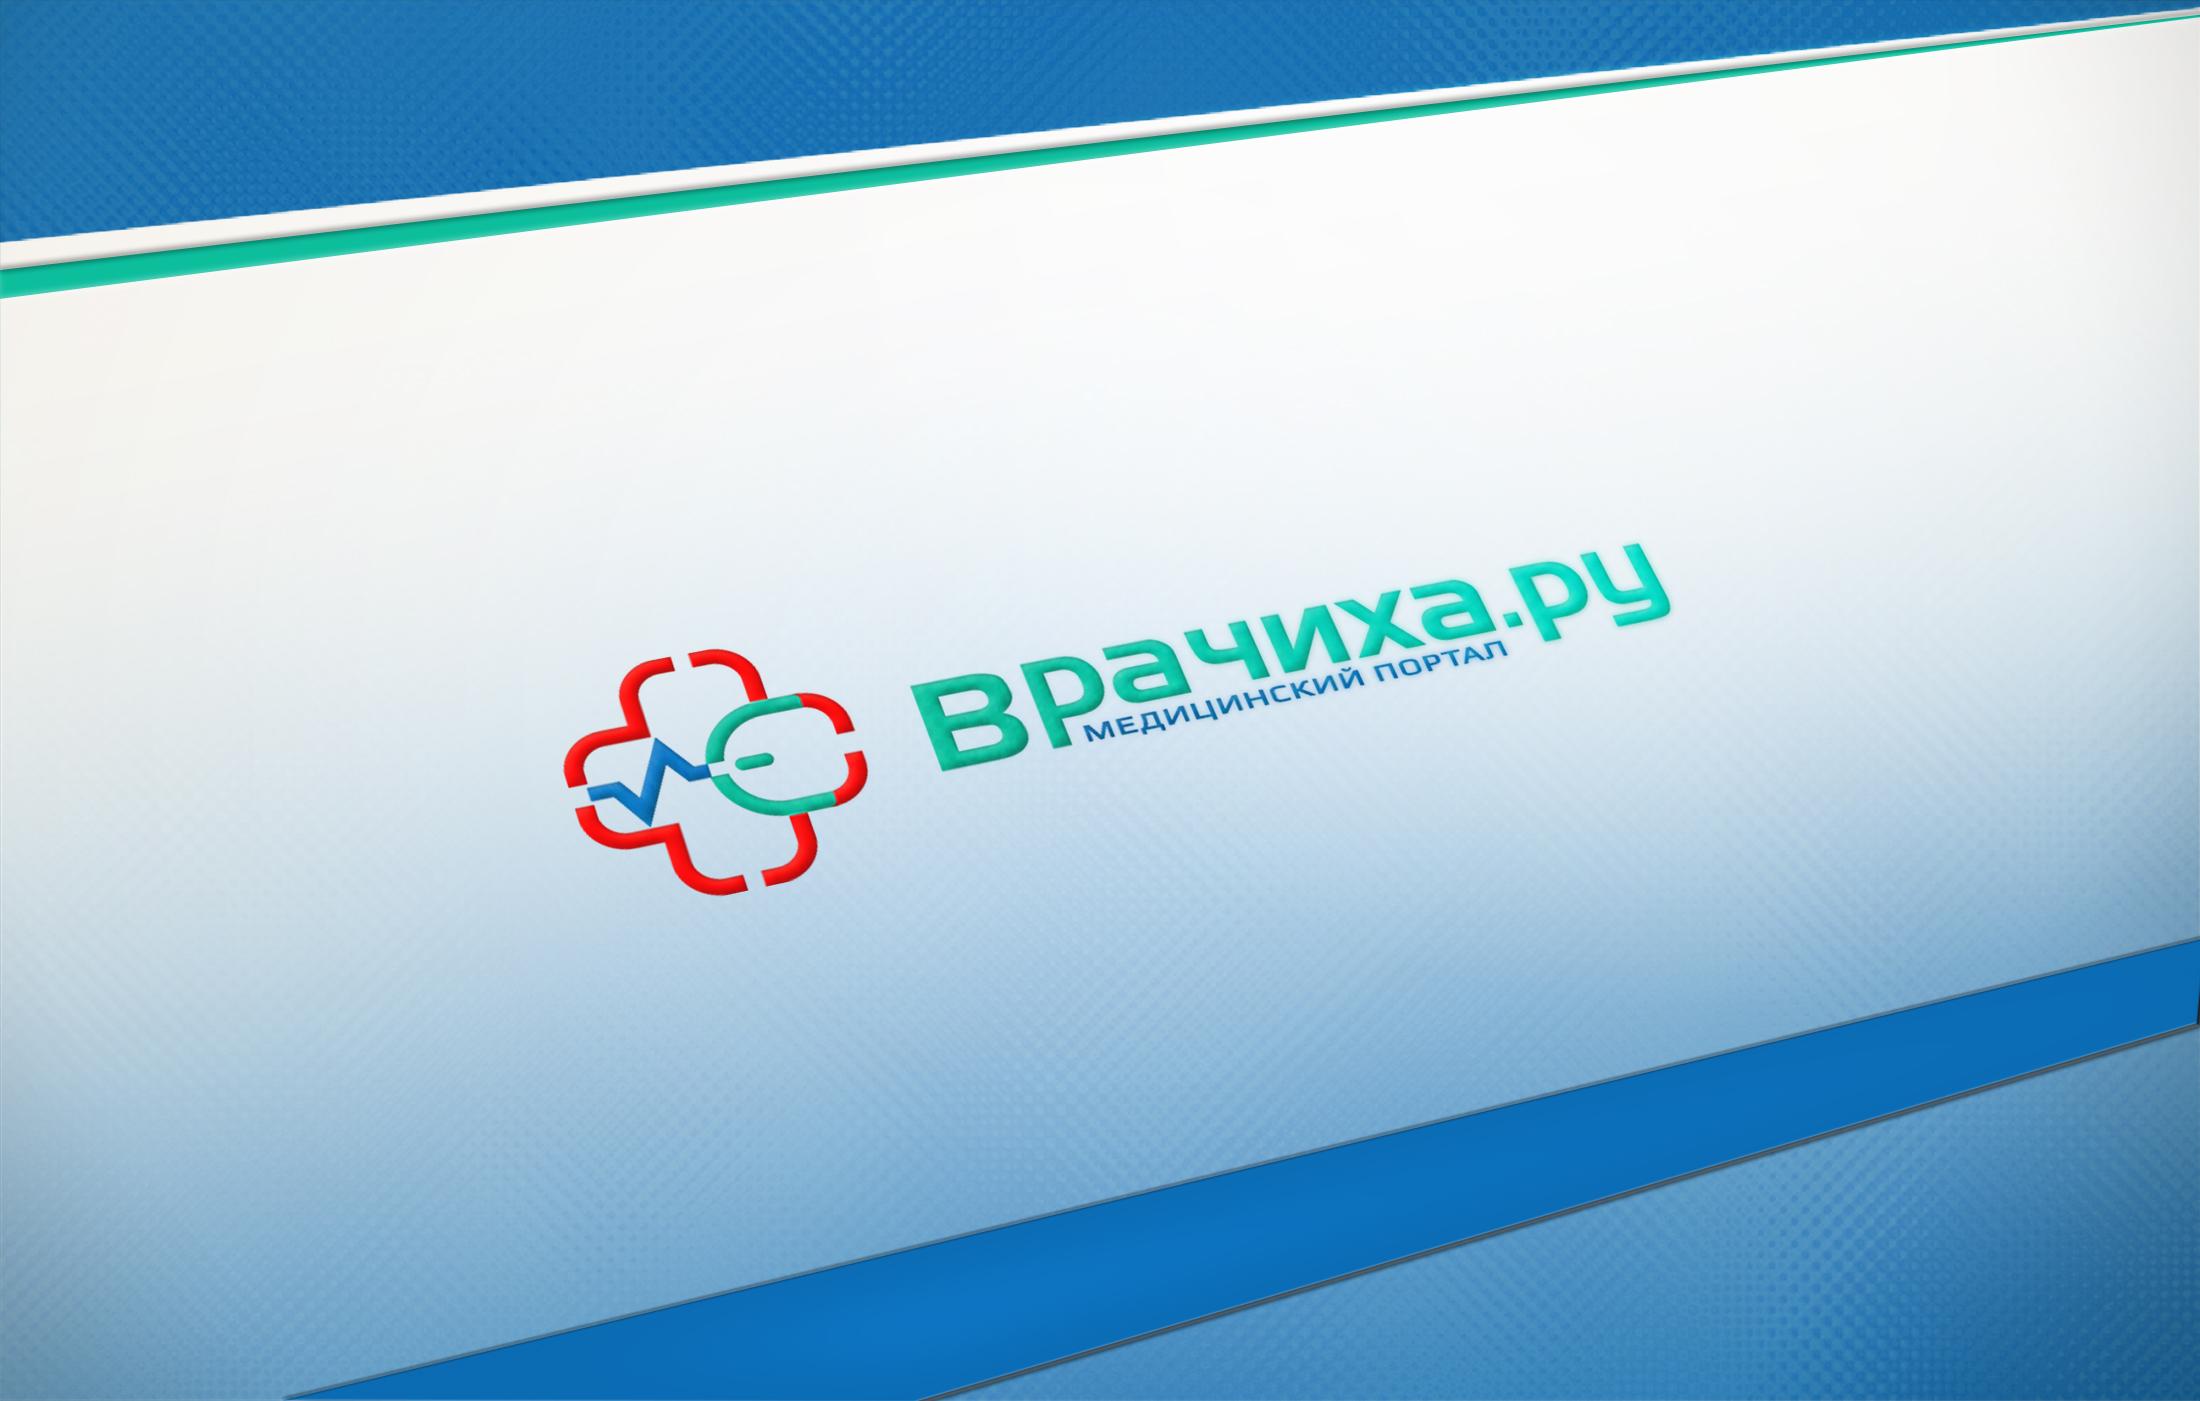 Необходимо разработать логотип для медицинского портала фото f_2455c0838350bd2c.jpg